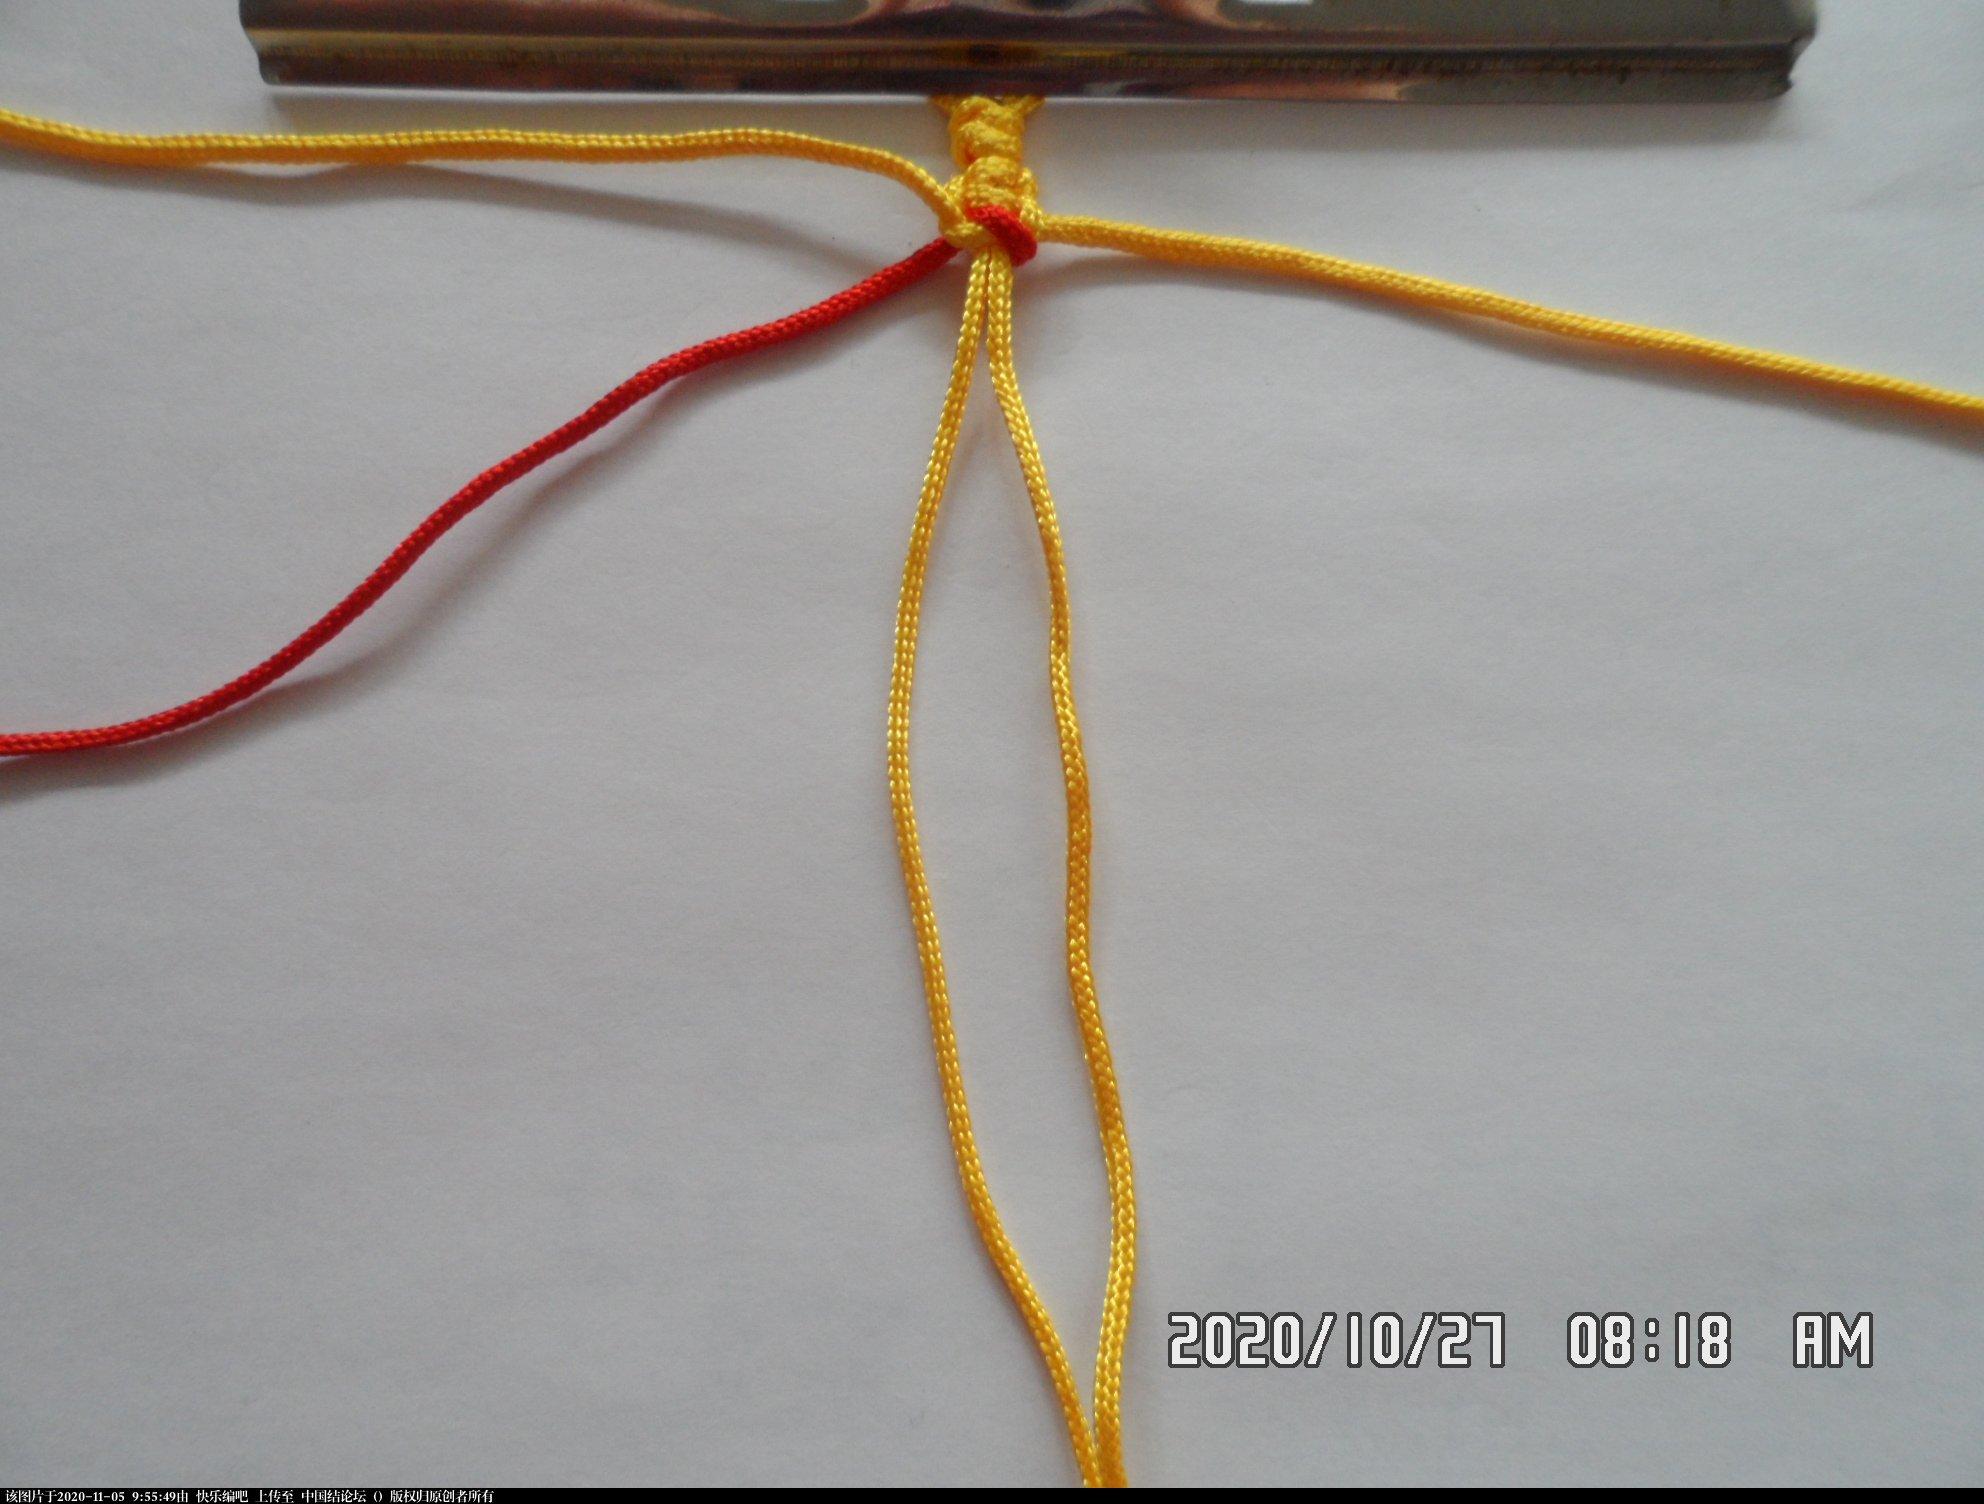 中国结论坛 一款添加装饰线的平结手绳 —— 平结还可以这样编(4) 平结,平结的链,手链,中国结入门基础教程 图文教程区 091051hib777cxmw2emiw8